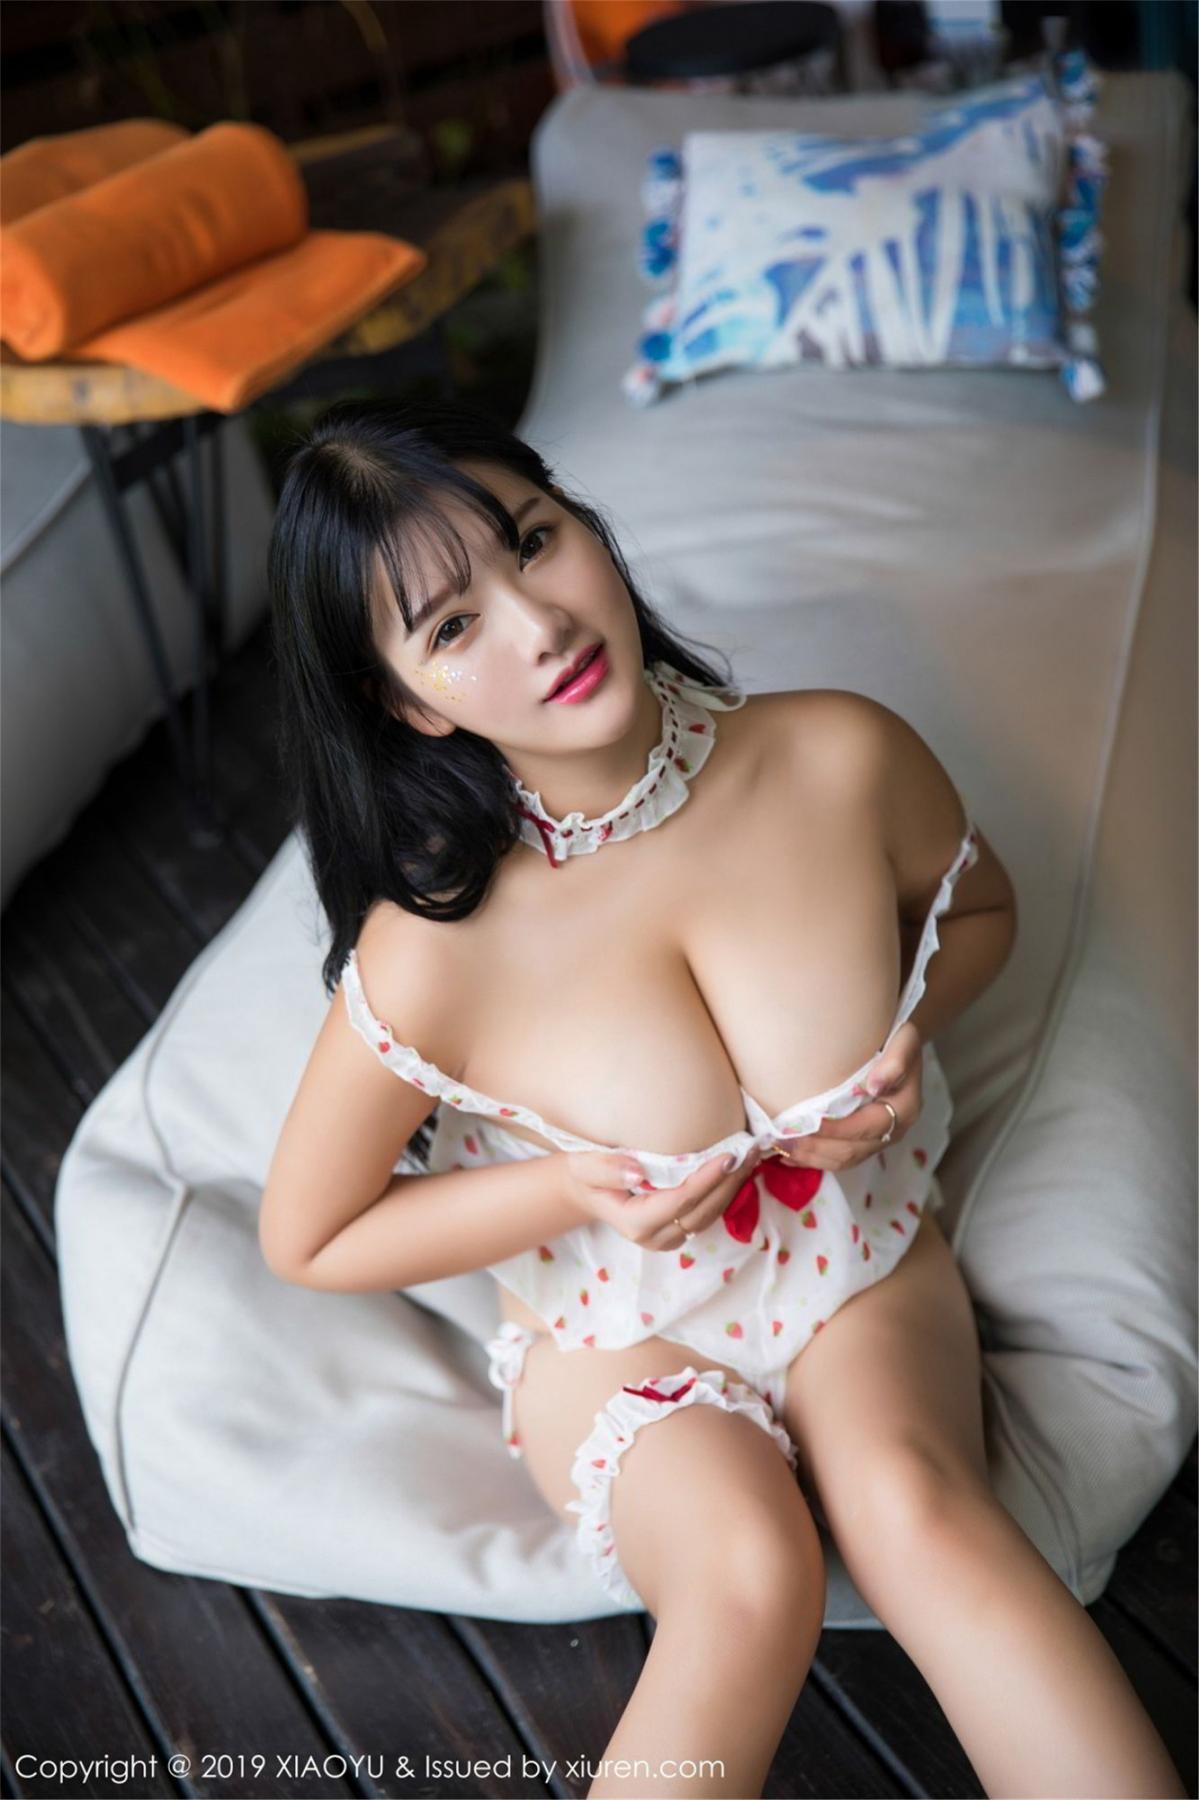 [XiaoYu] Vol.070 Lu Lu Xiao Miao 28P, Baby Face Big Boobs, Lovely, Lu Lu Xiao Miao, XiaoYu